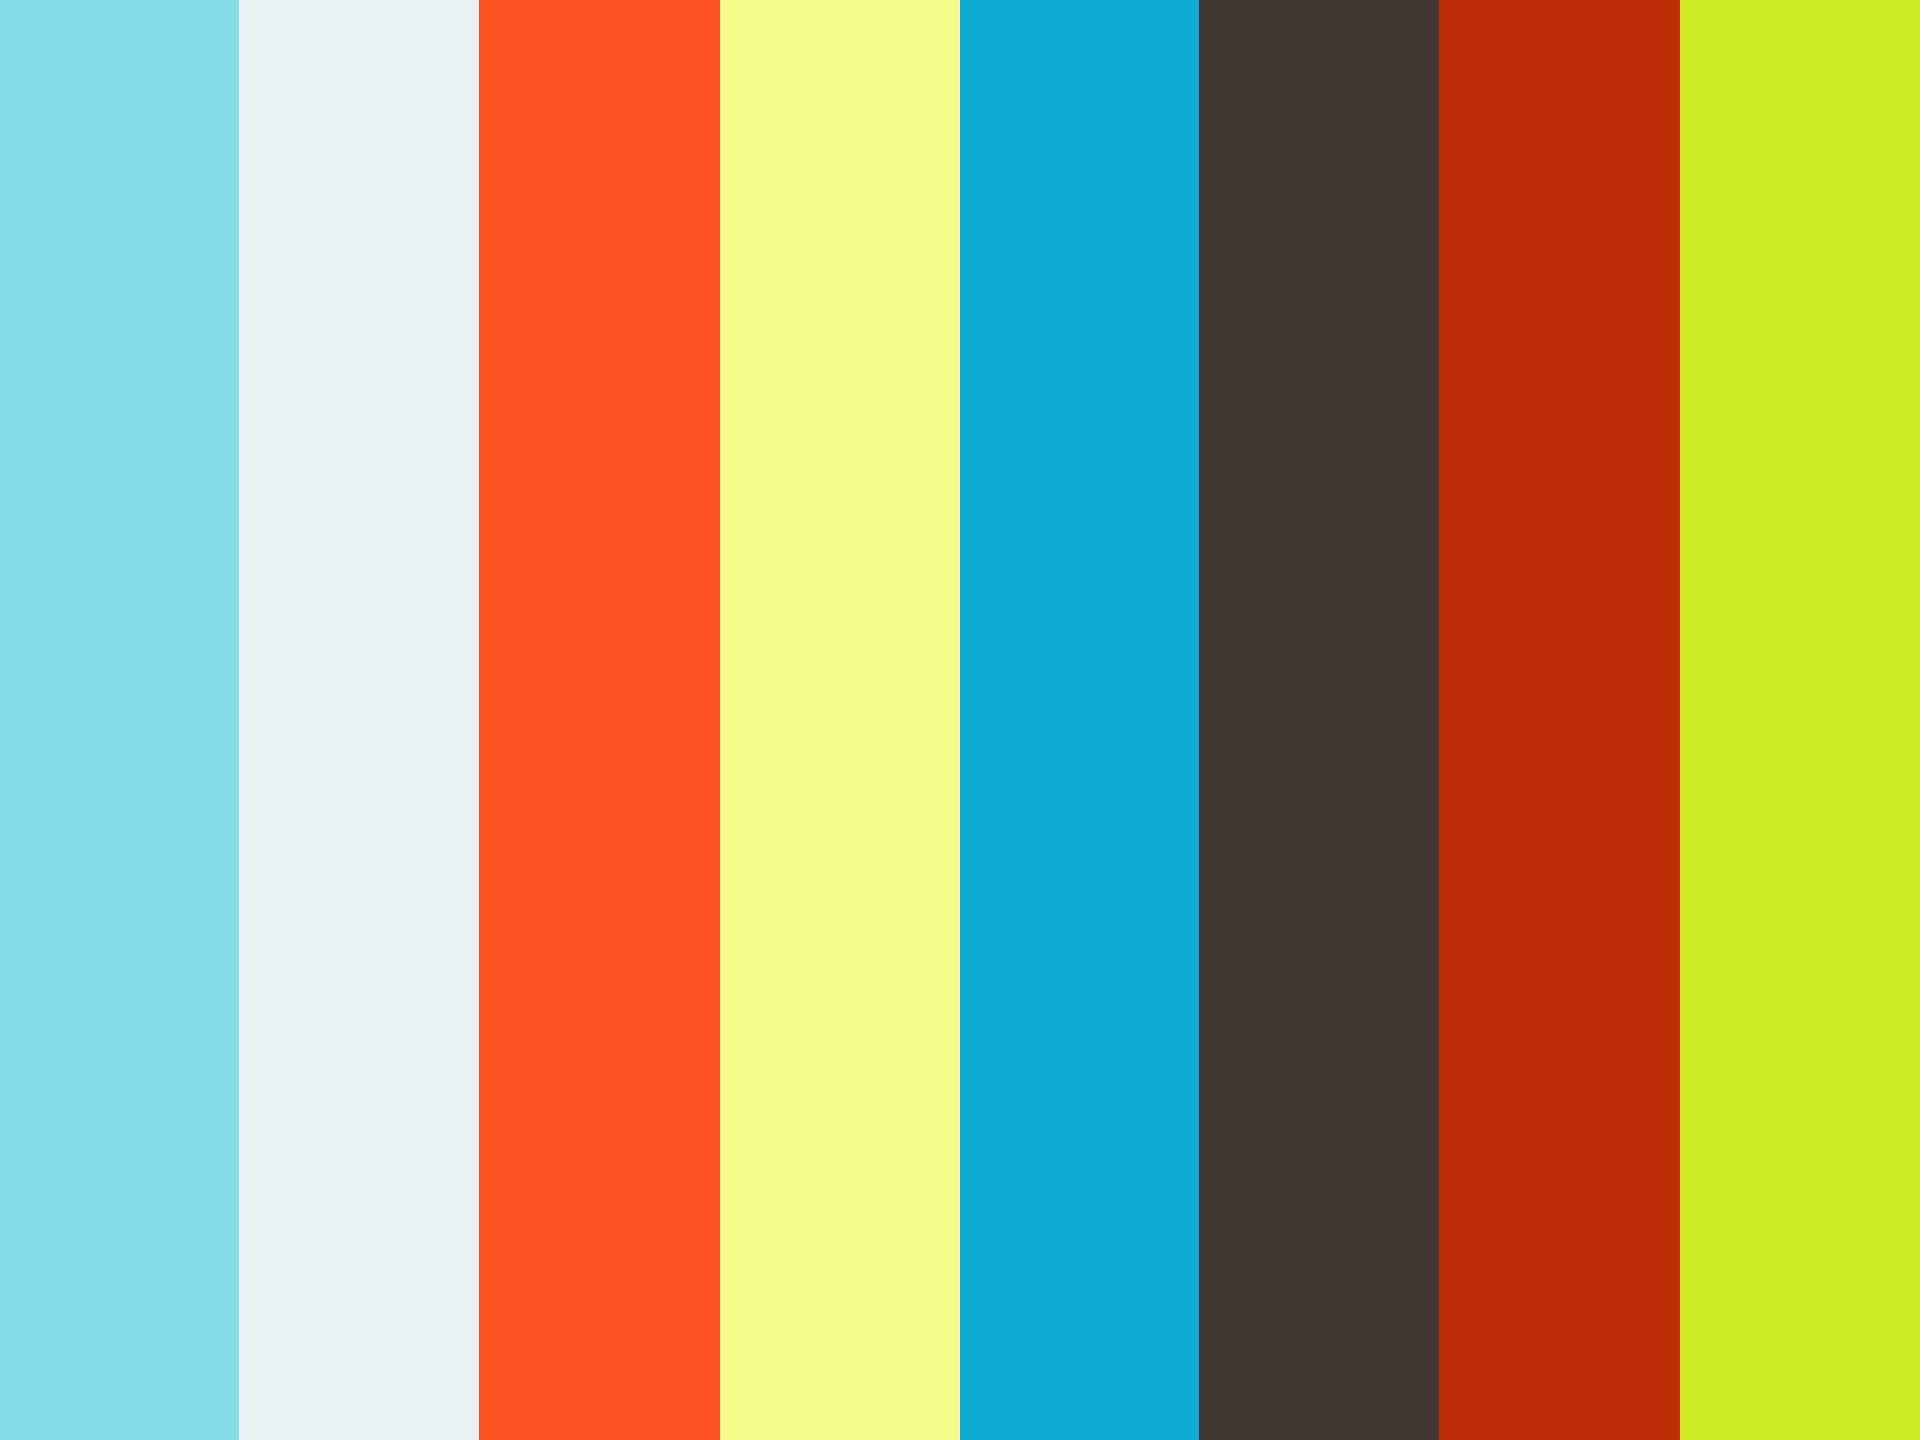 Black Pixels | Yohann Strullu